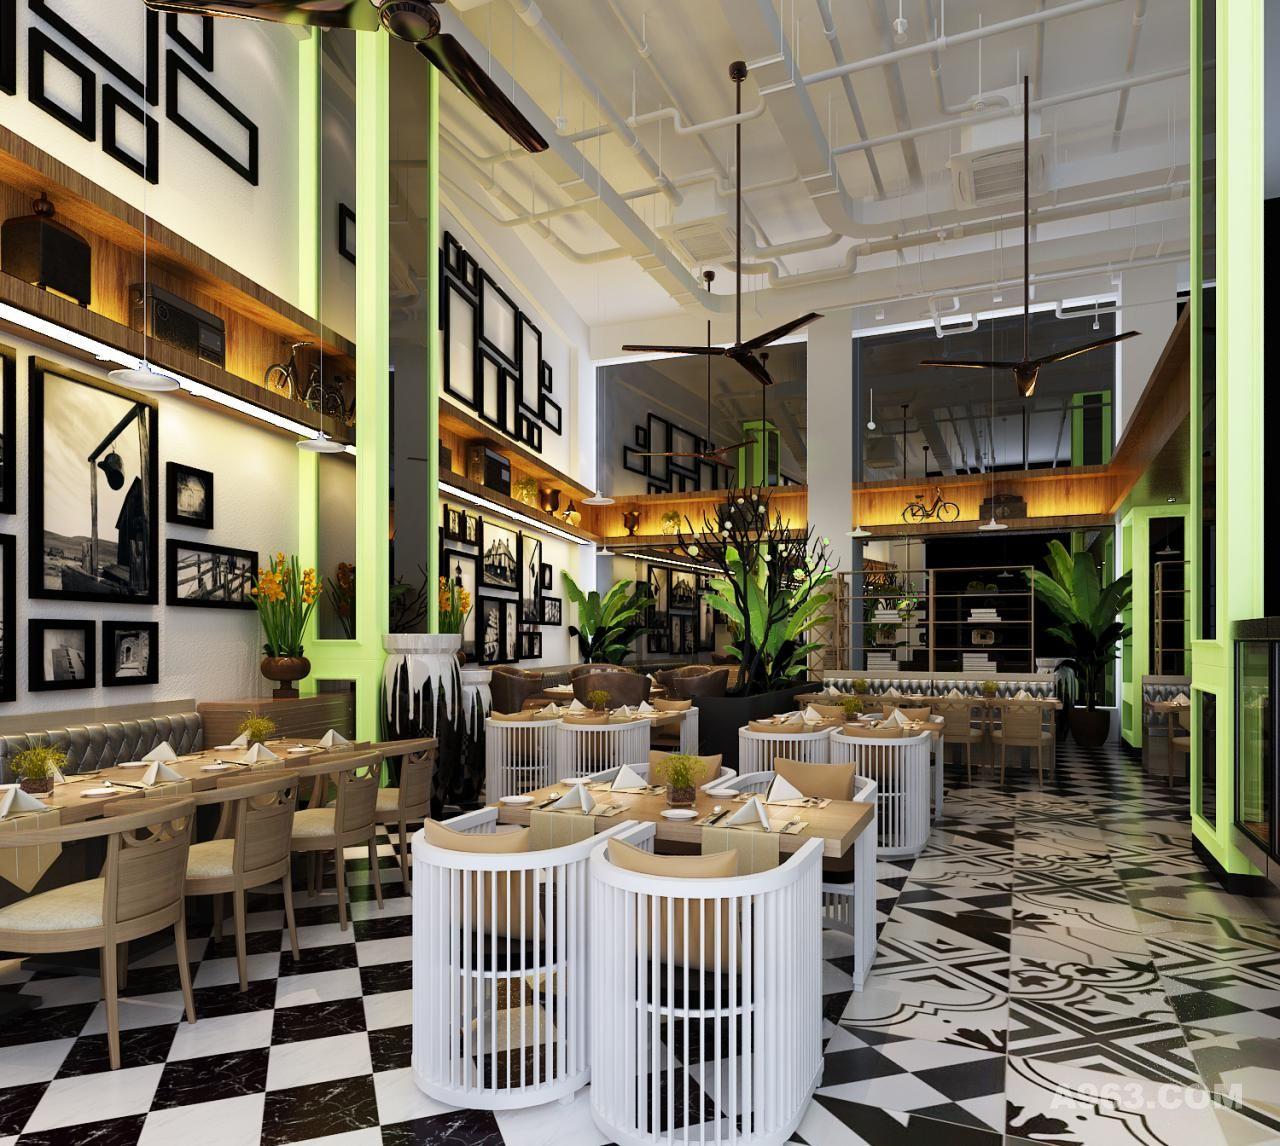 小魔仙烤鱼餐厅-大厅效果图